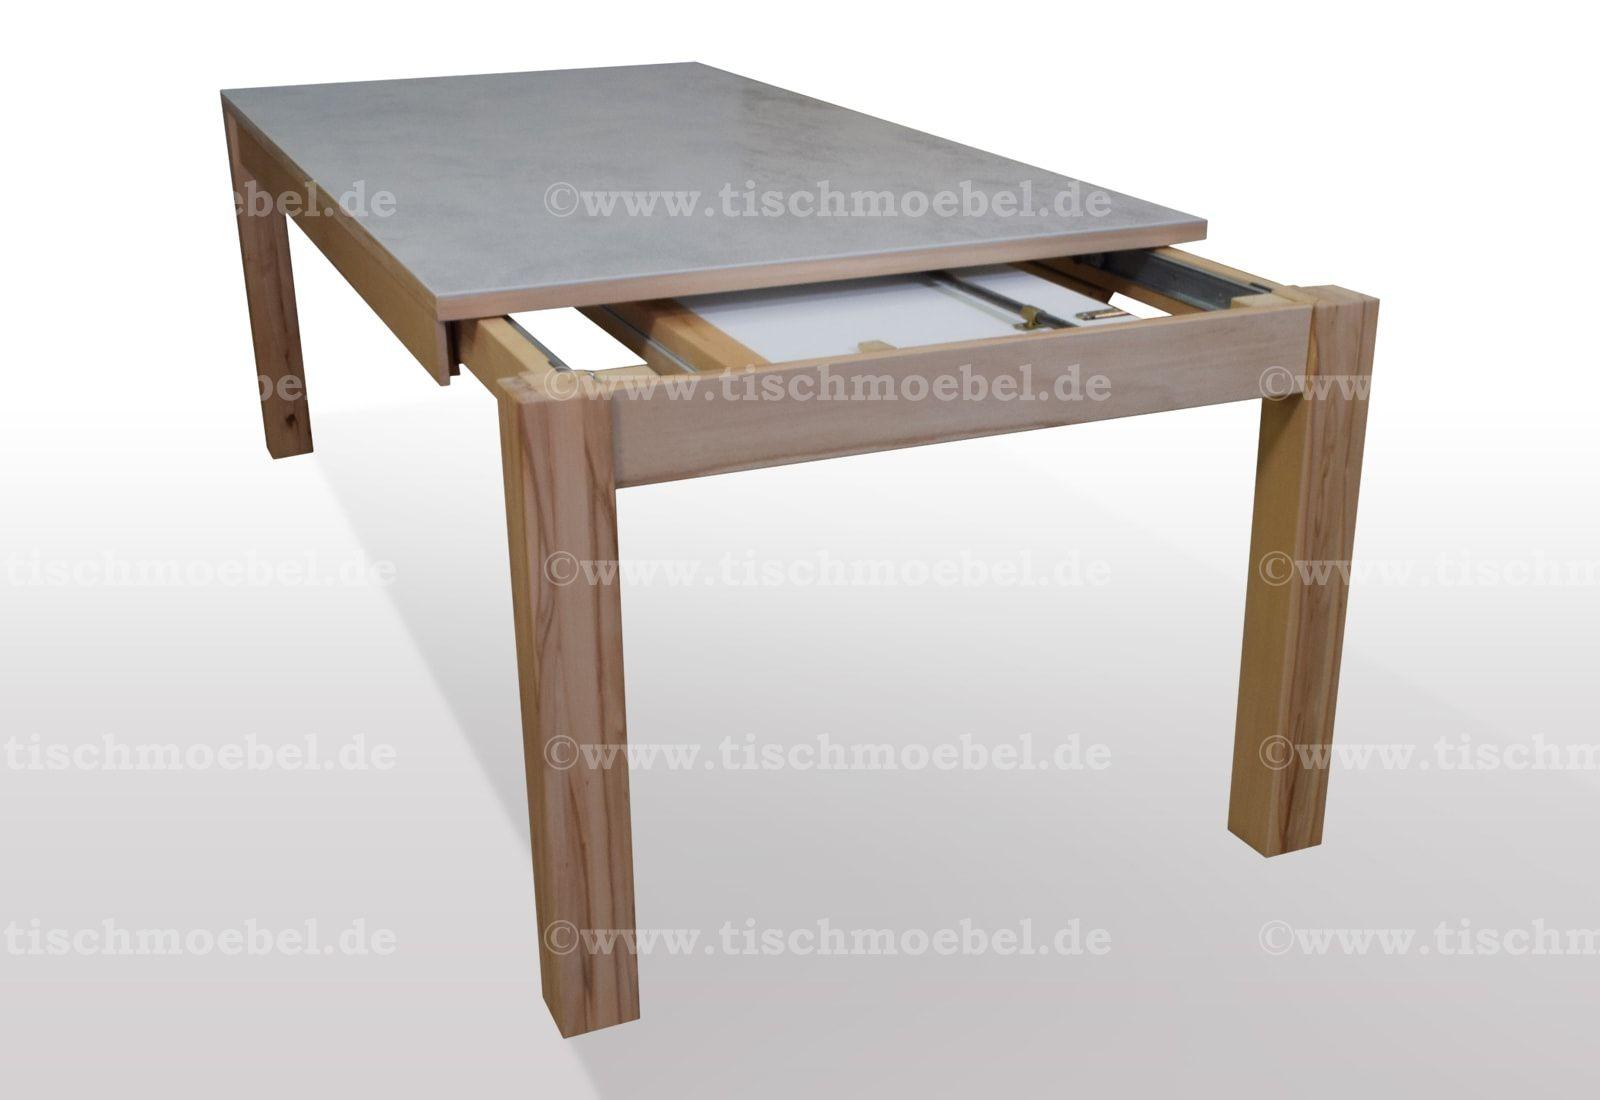 Tisch Buche Massiv Breite 80cm Lange Wahlbar Mit Bildern Esstisch Buche